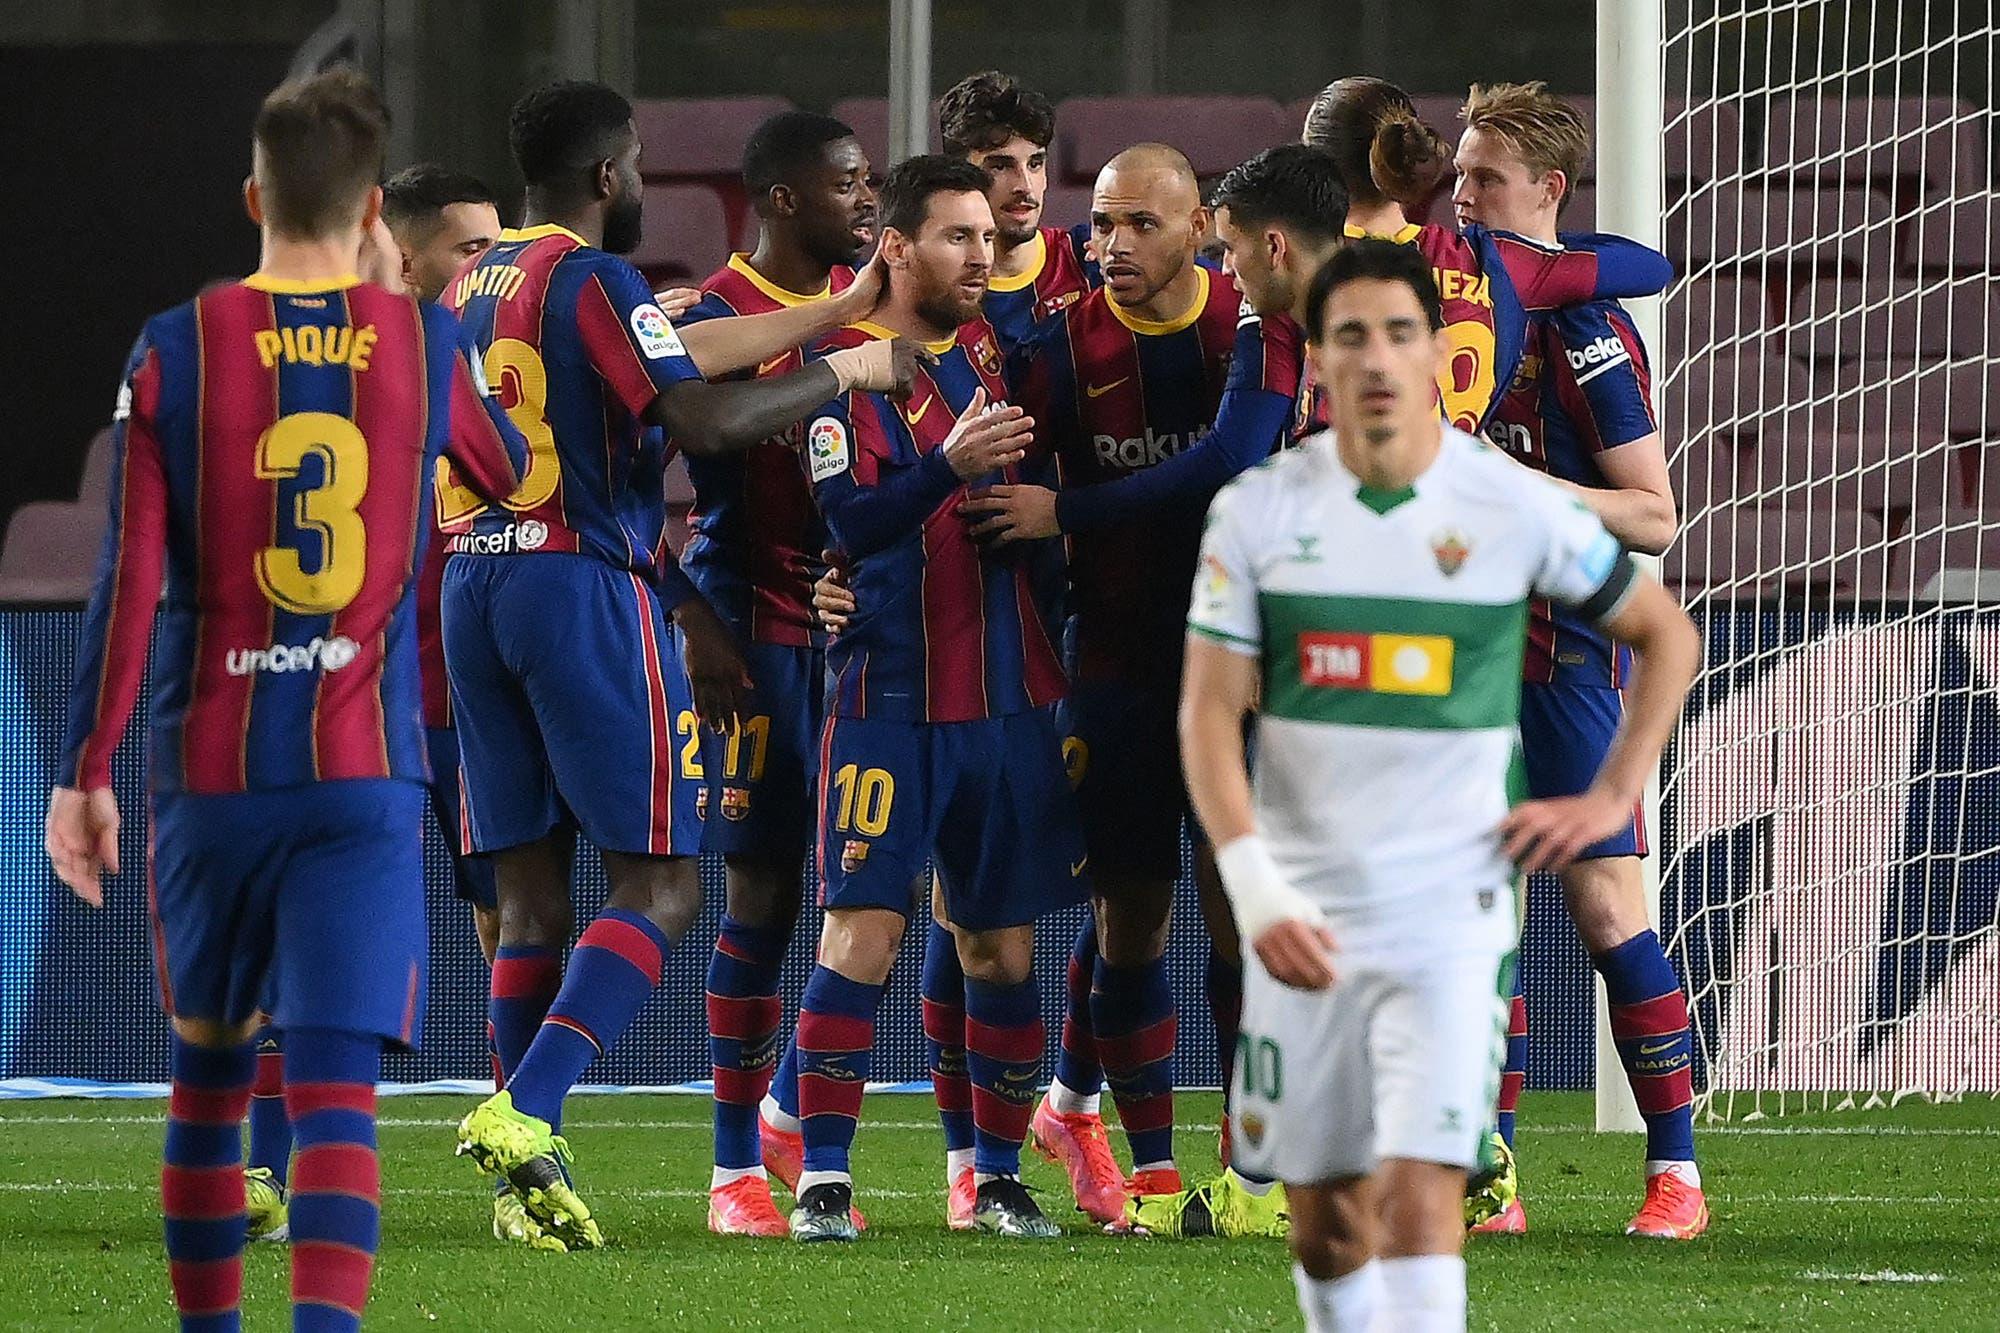 Con dos goles de Messi, Barcelona le ganó a Elche y se acercó a la punta en la liga de España